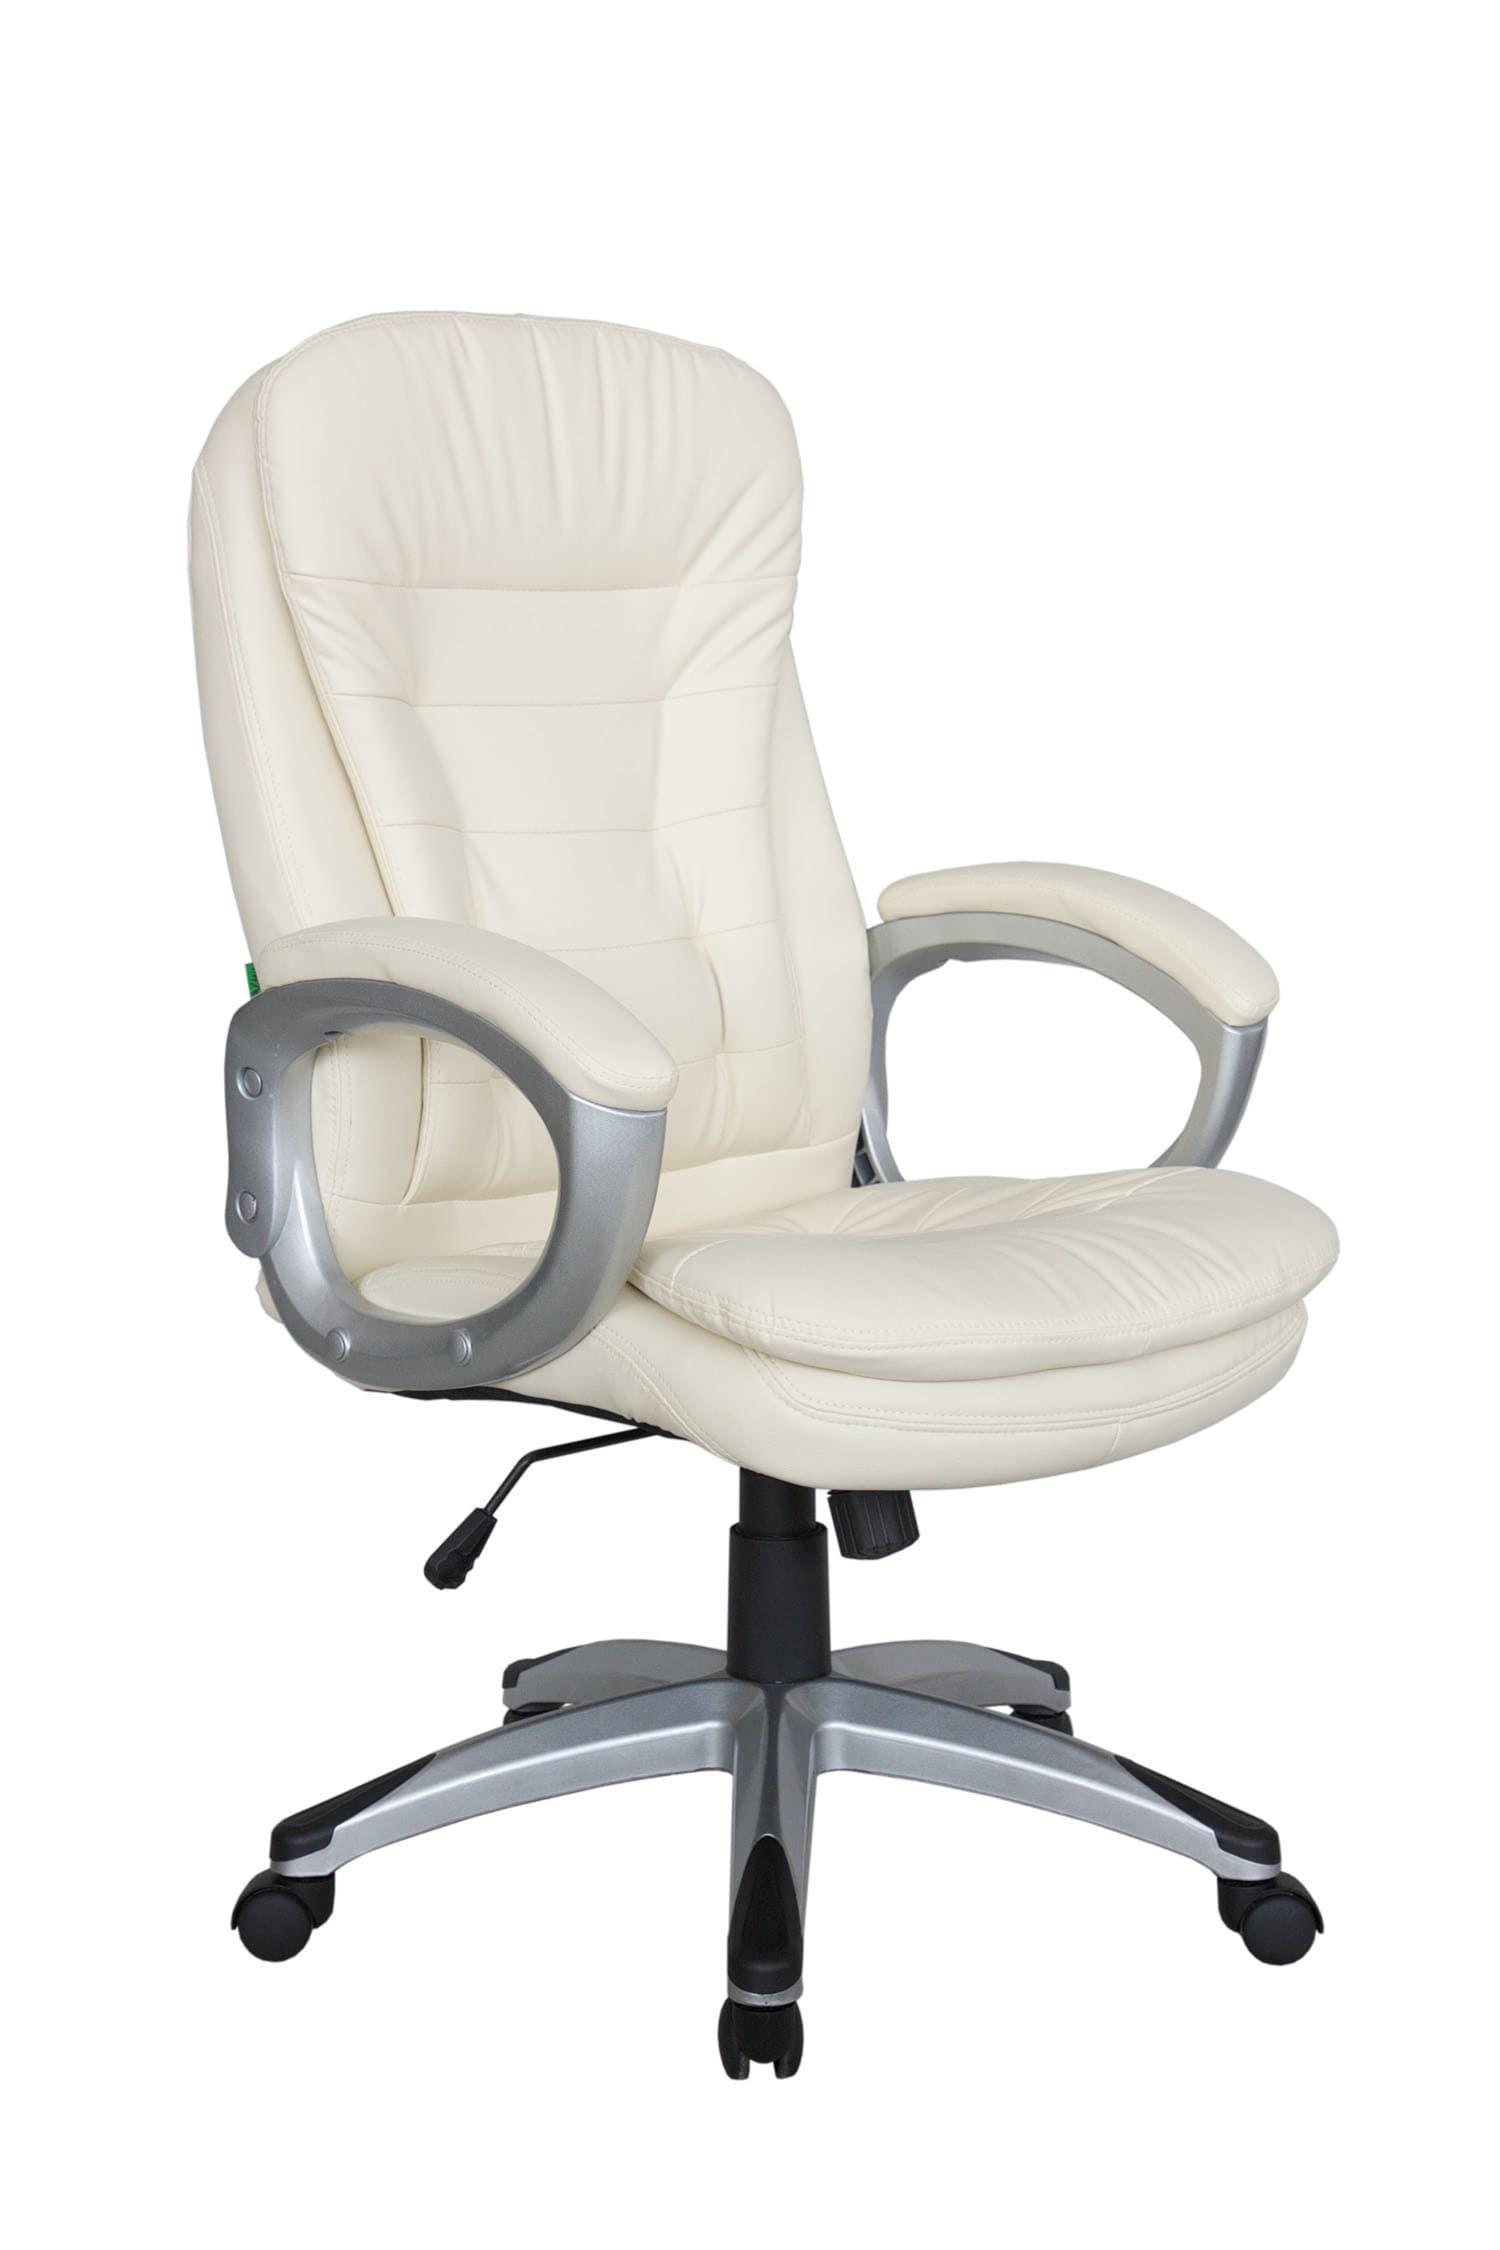 Кресло для руководителя Riva Chair 9110 Бежевый цвет, эко кожа